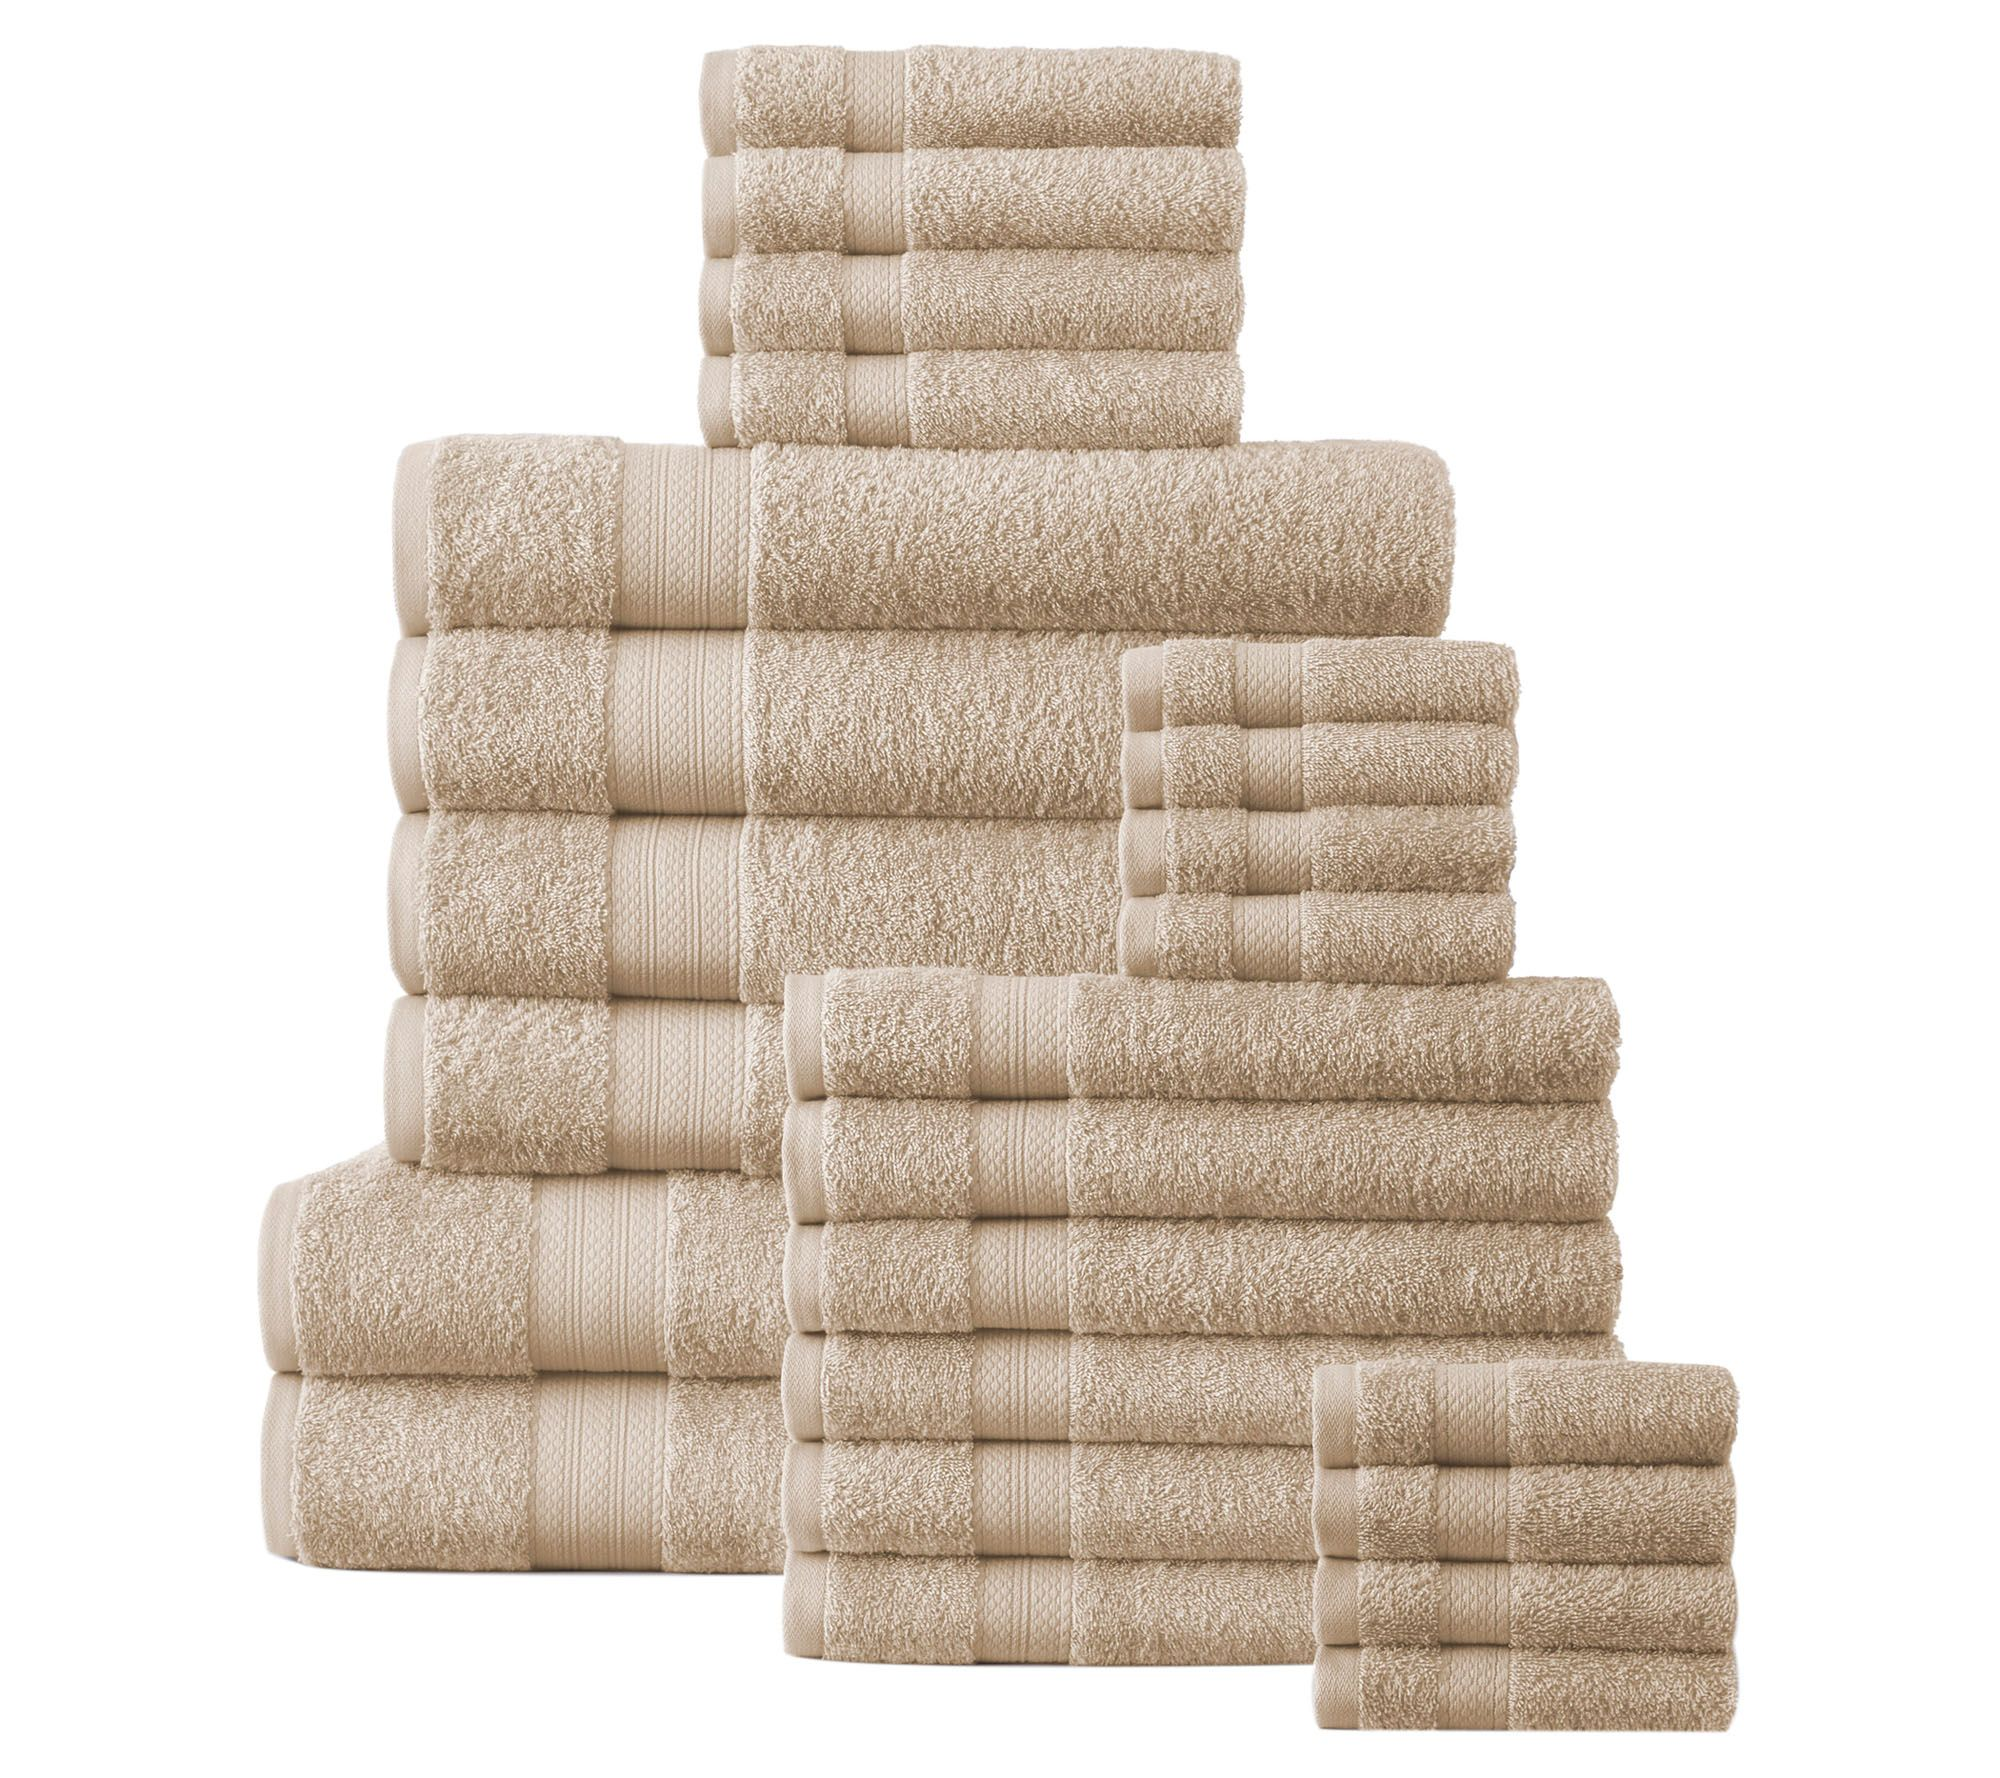 Affinity Linens Cotton Plush 24 Piece Bath Towel Set